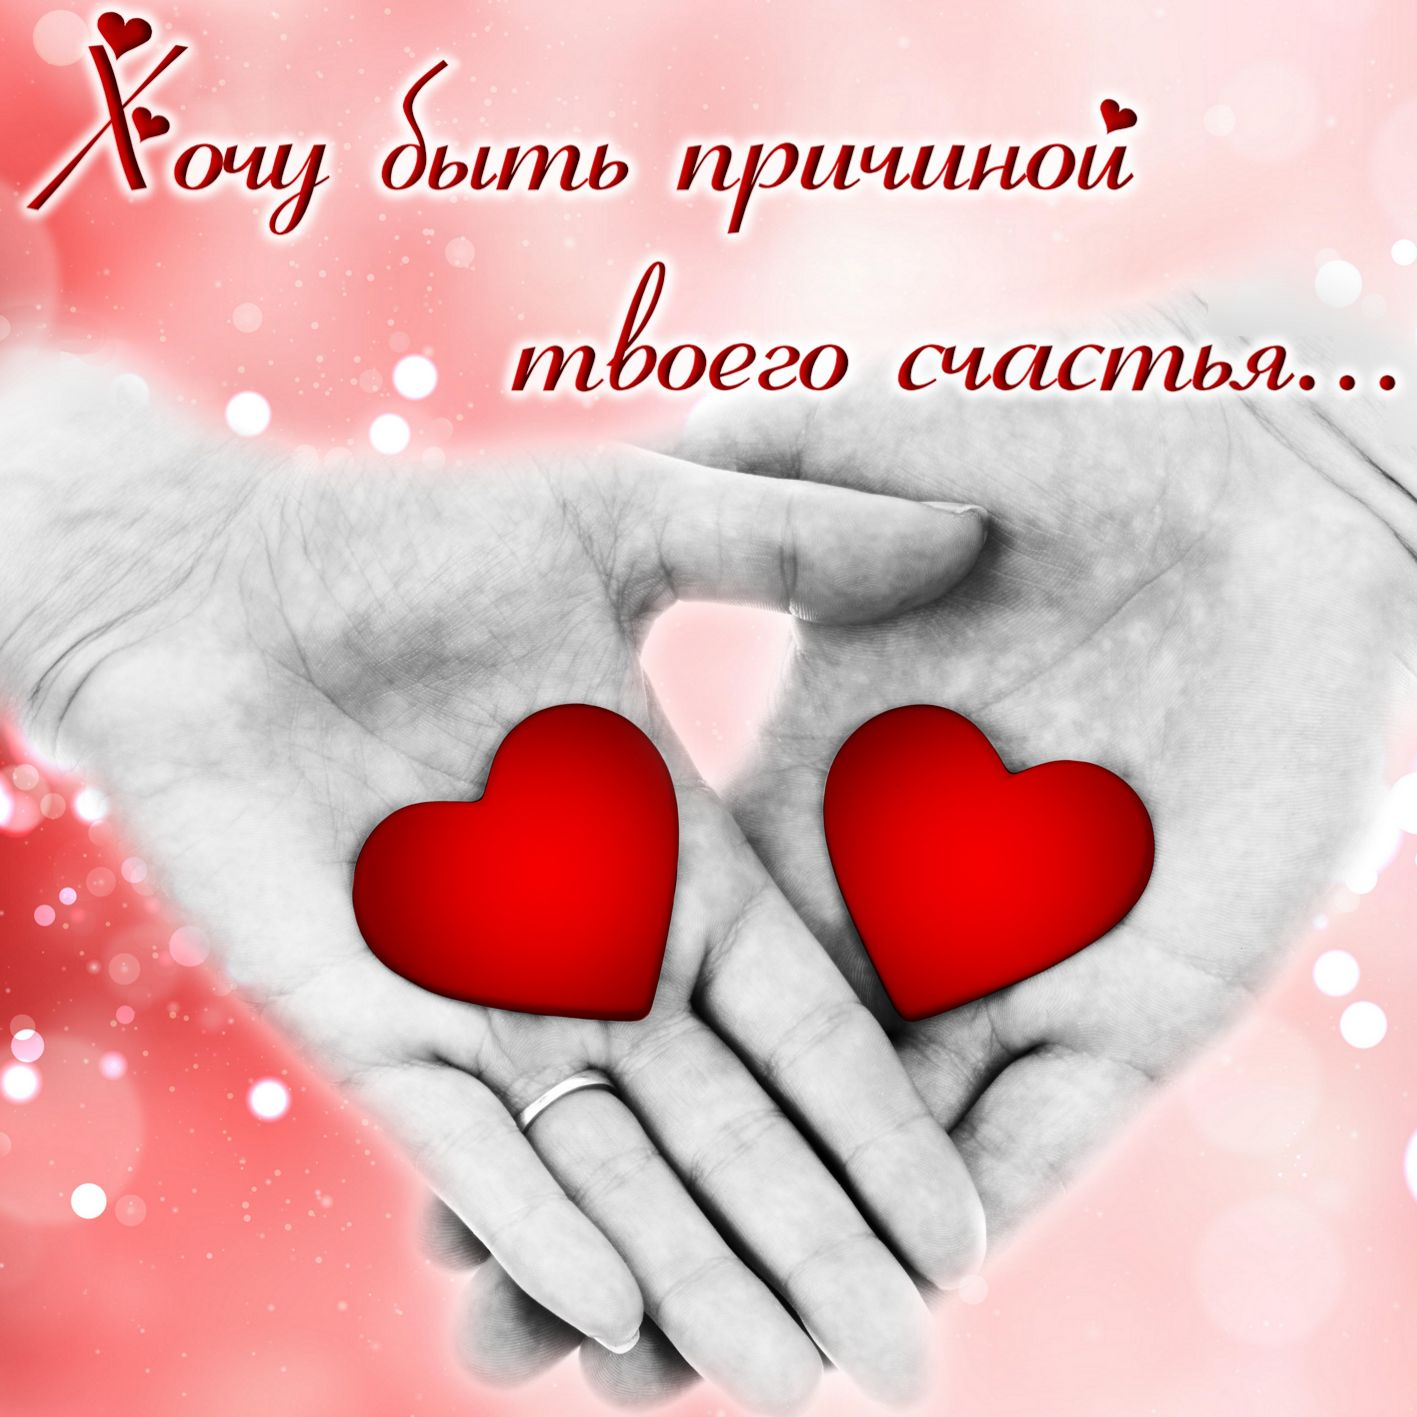 Открытка люблю - красные сердечки на ладонях